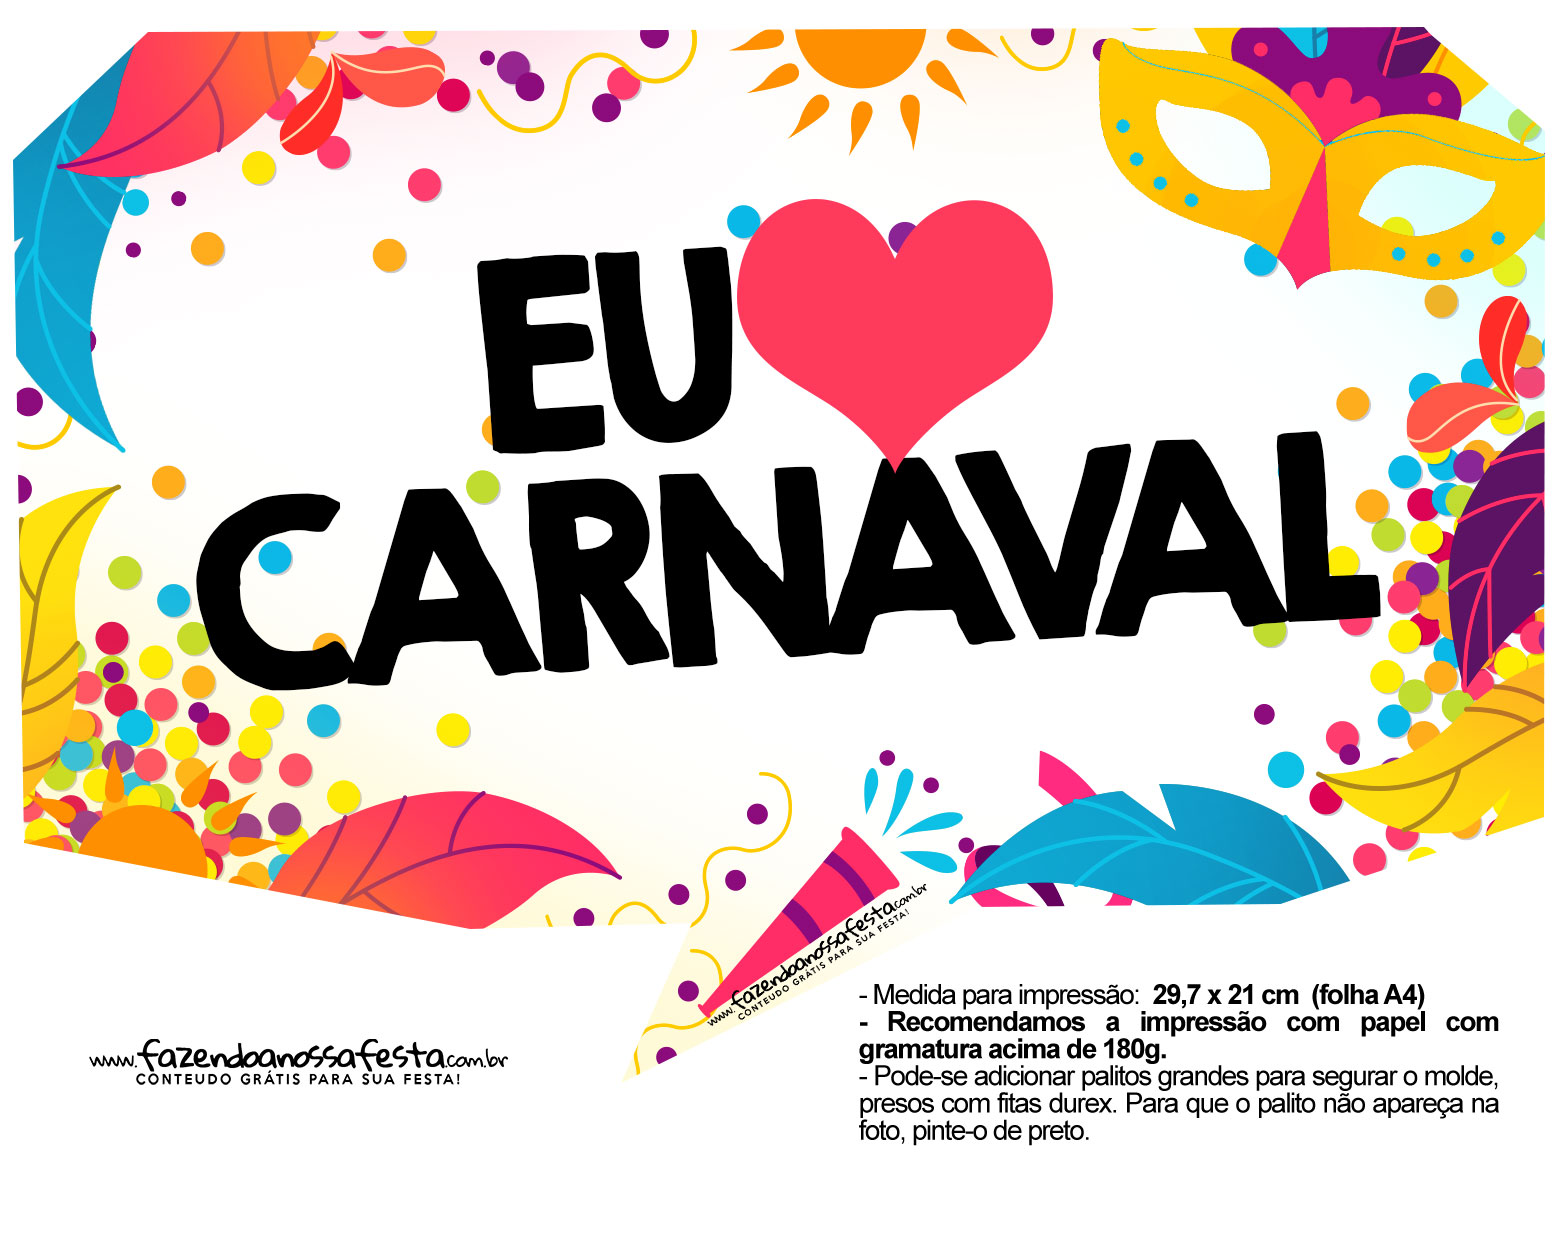 Plaquinhas divertidas de Carnaval gratis 18